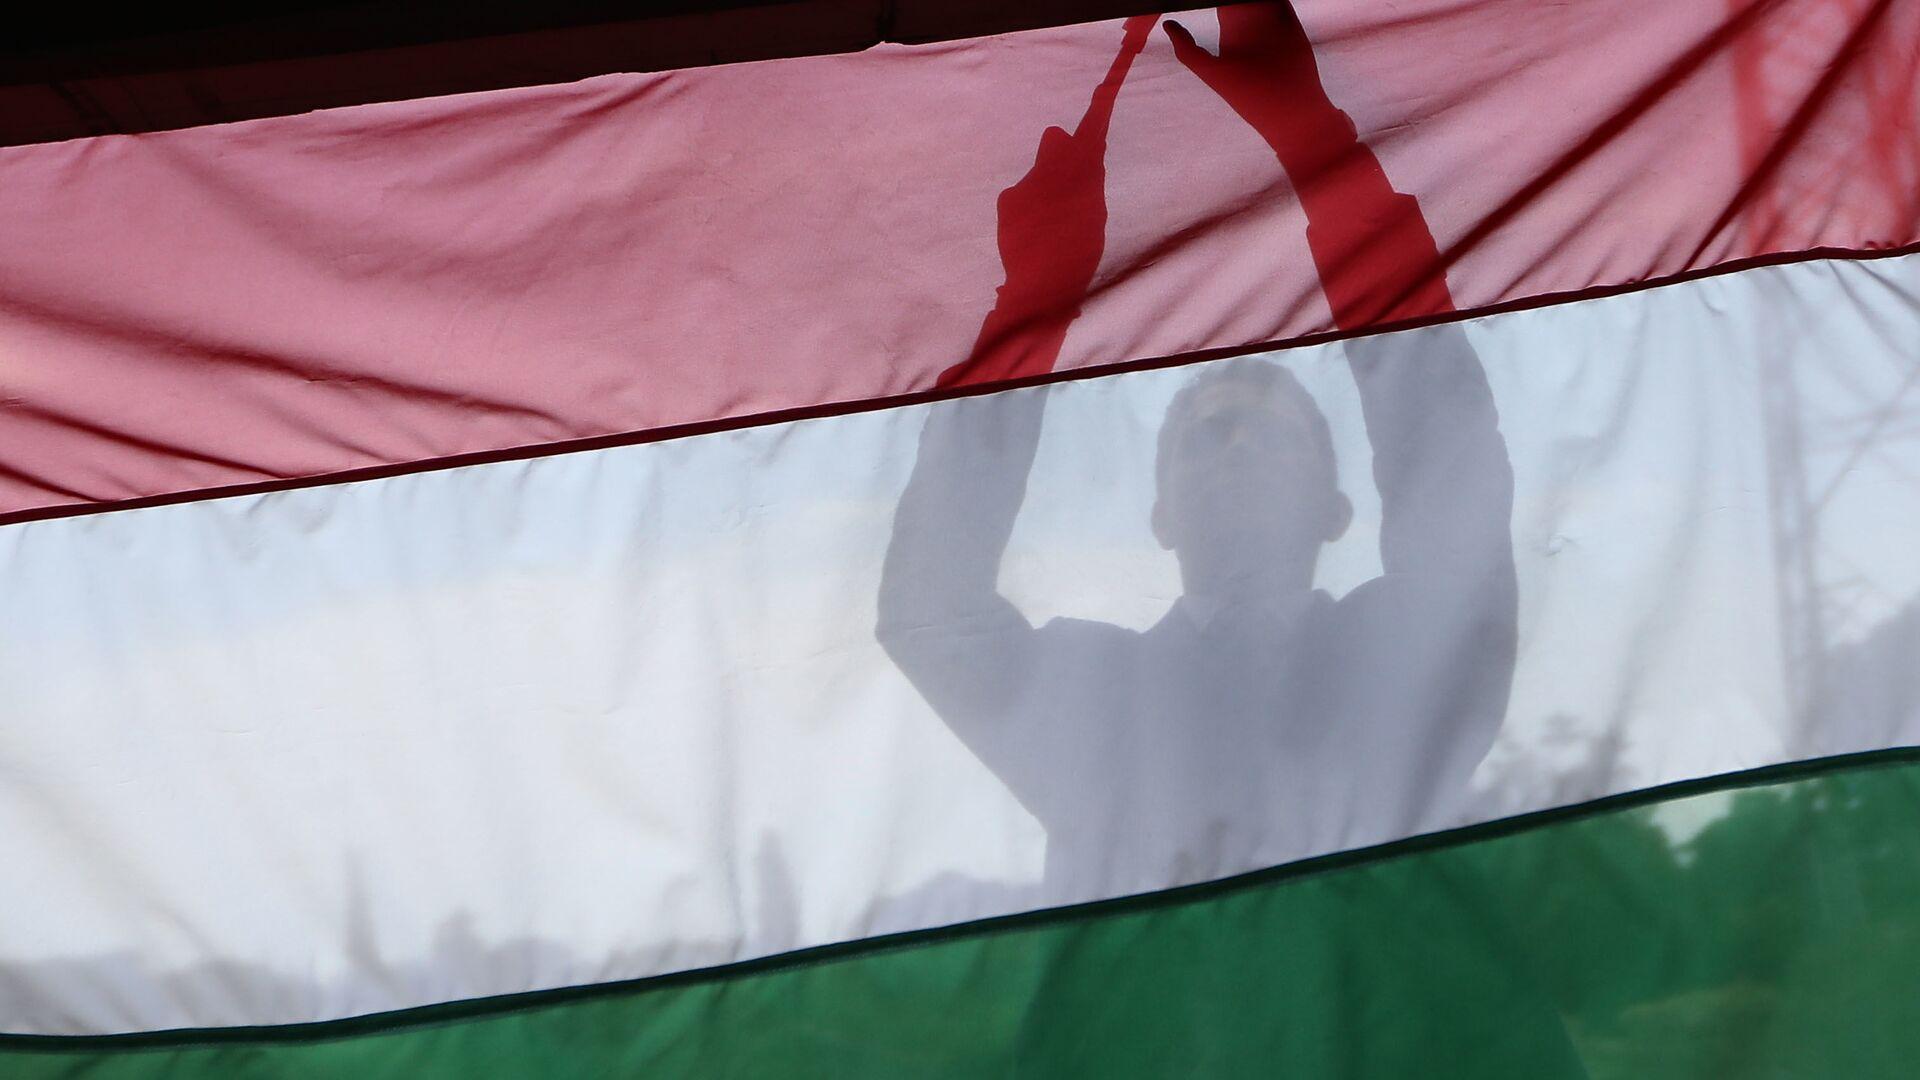 La bandiera dell'Ungheria - Sputnik Italia, 1920, 23.07.2021